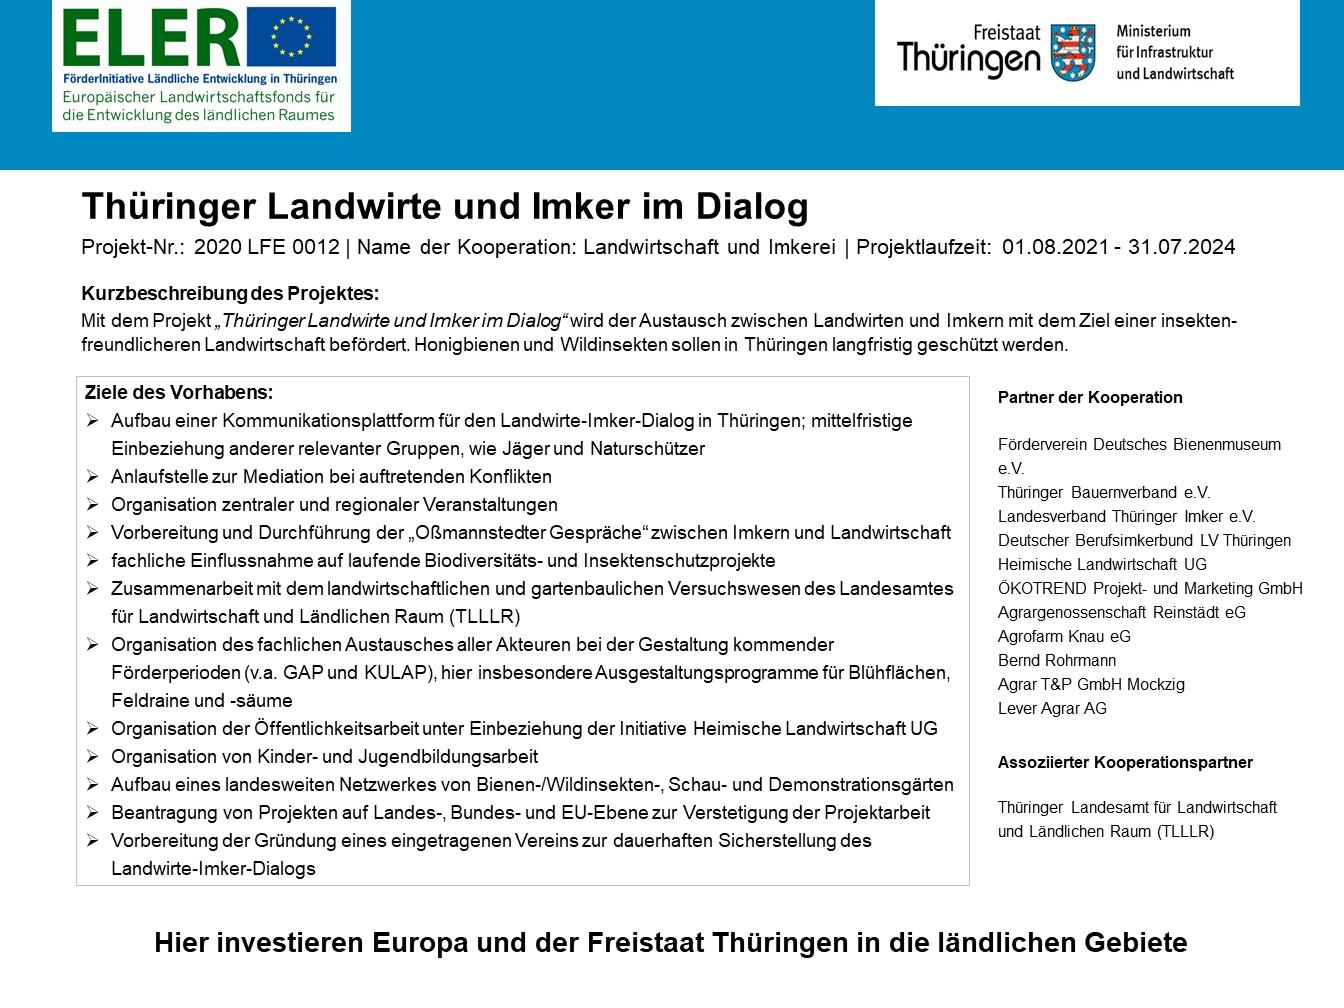 LFE Thüringer Landwirte und Imker im Dialog